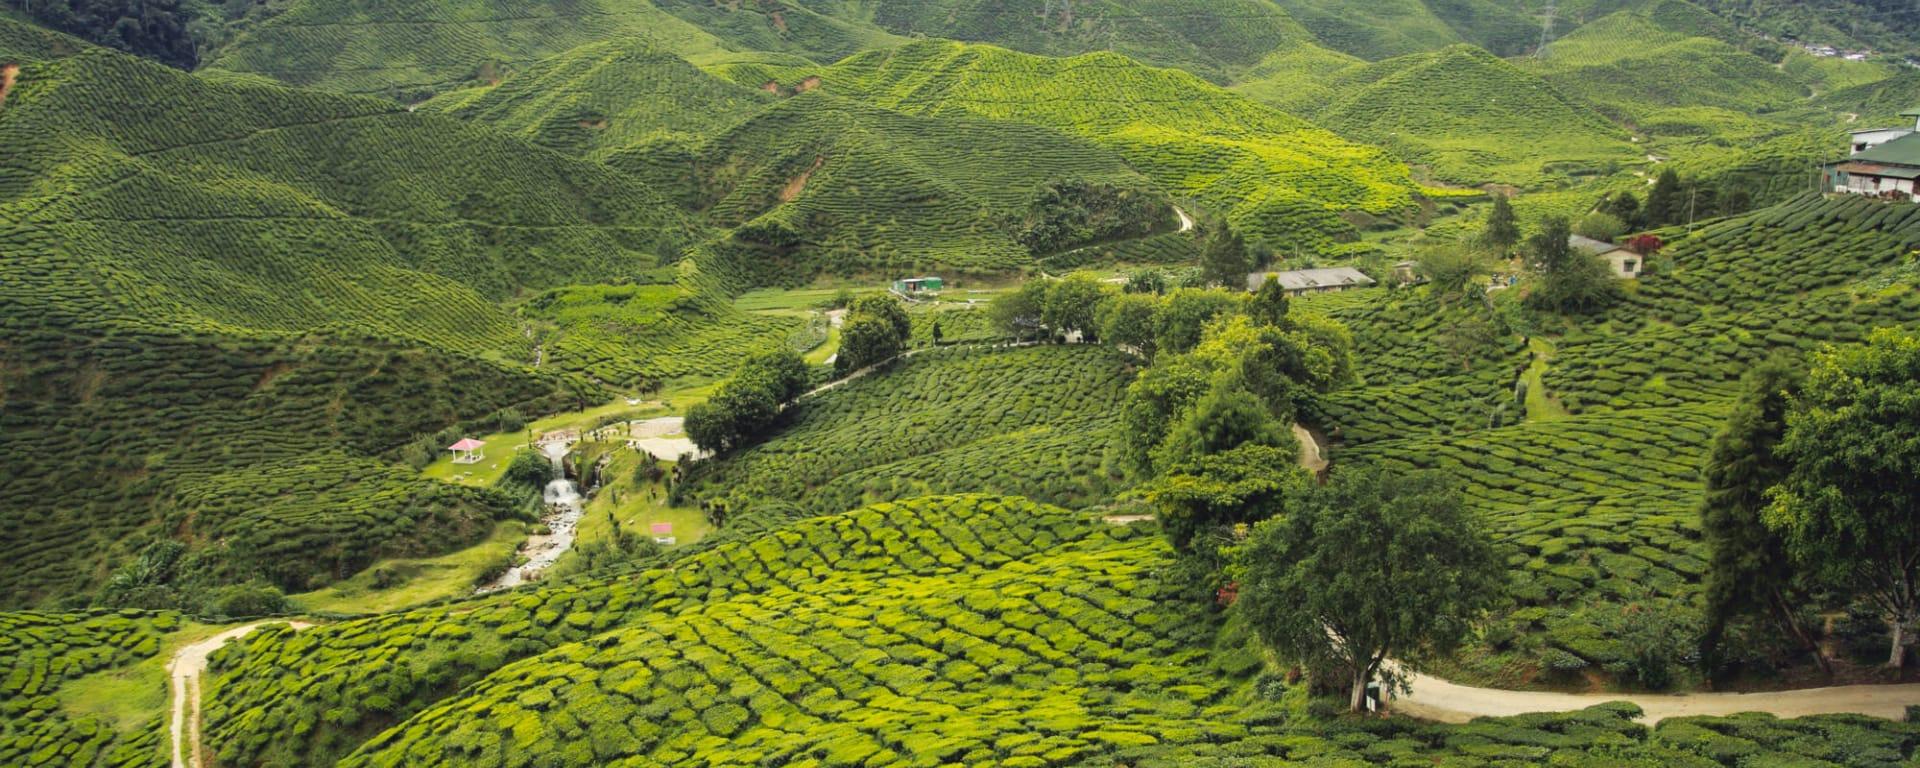 Indien entdecken mit Tischler Reisen: Indien Darjeeling Teeplantagen